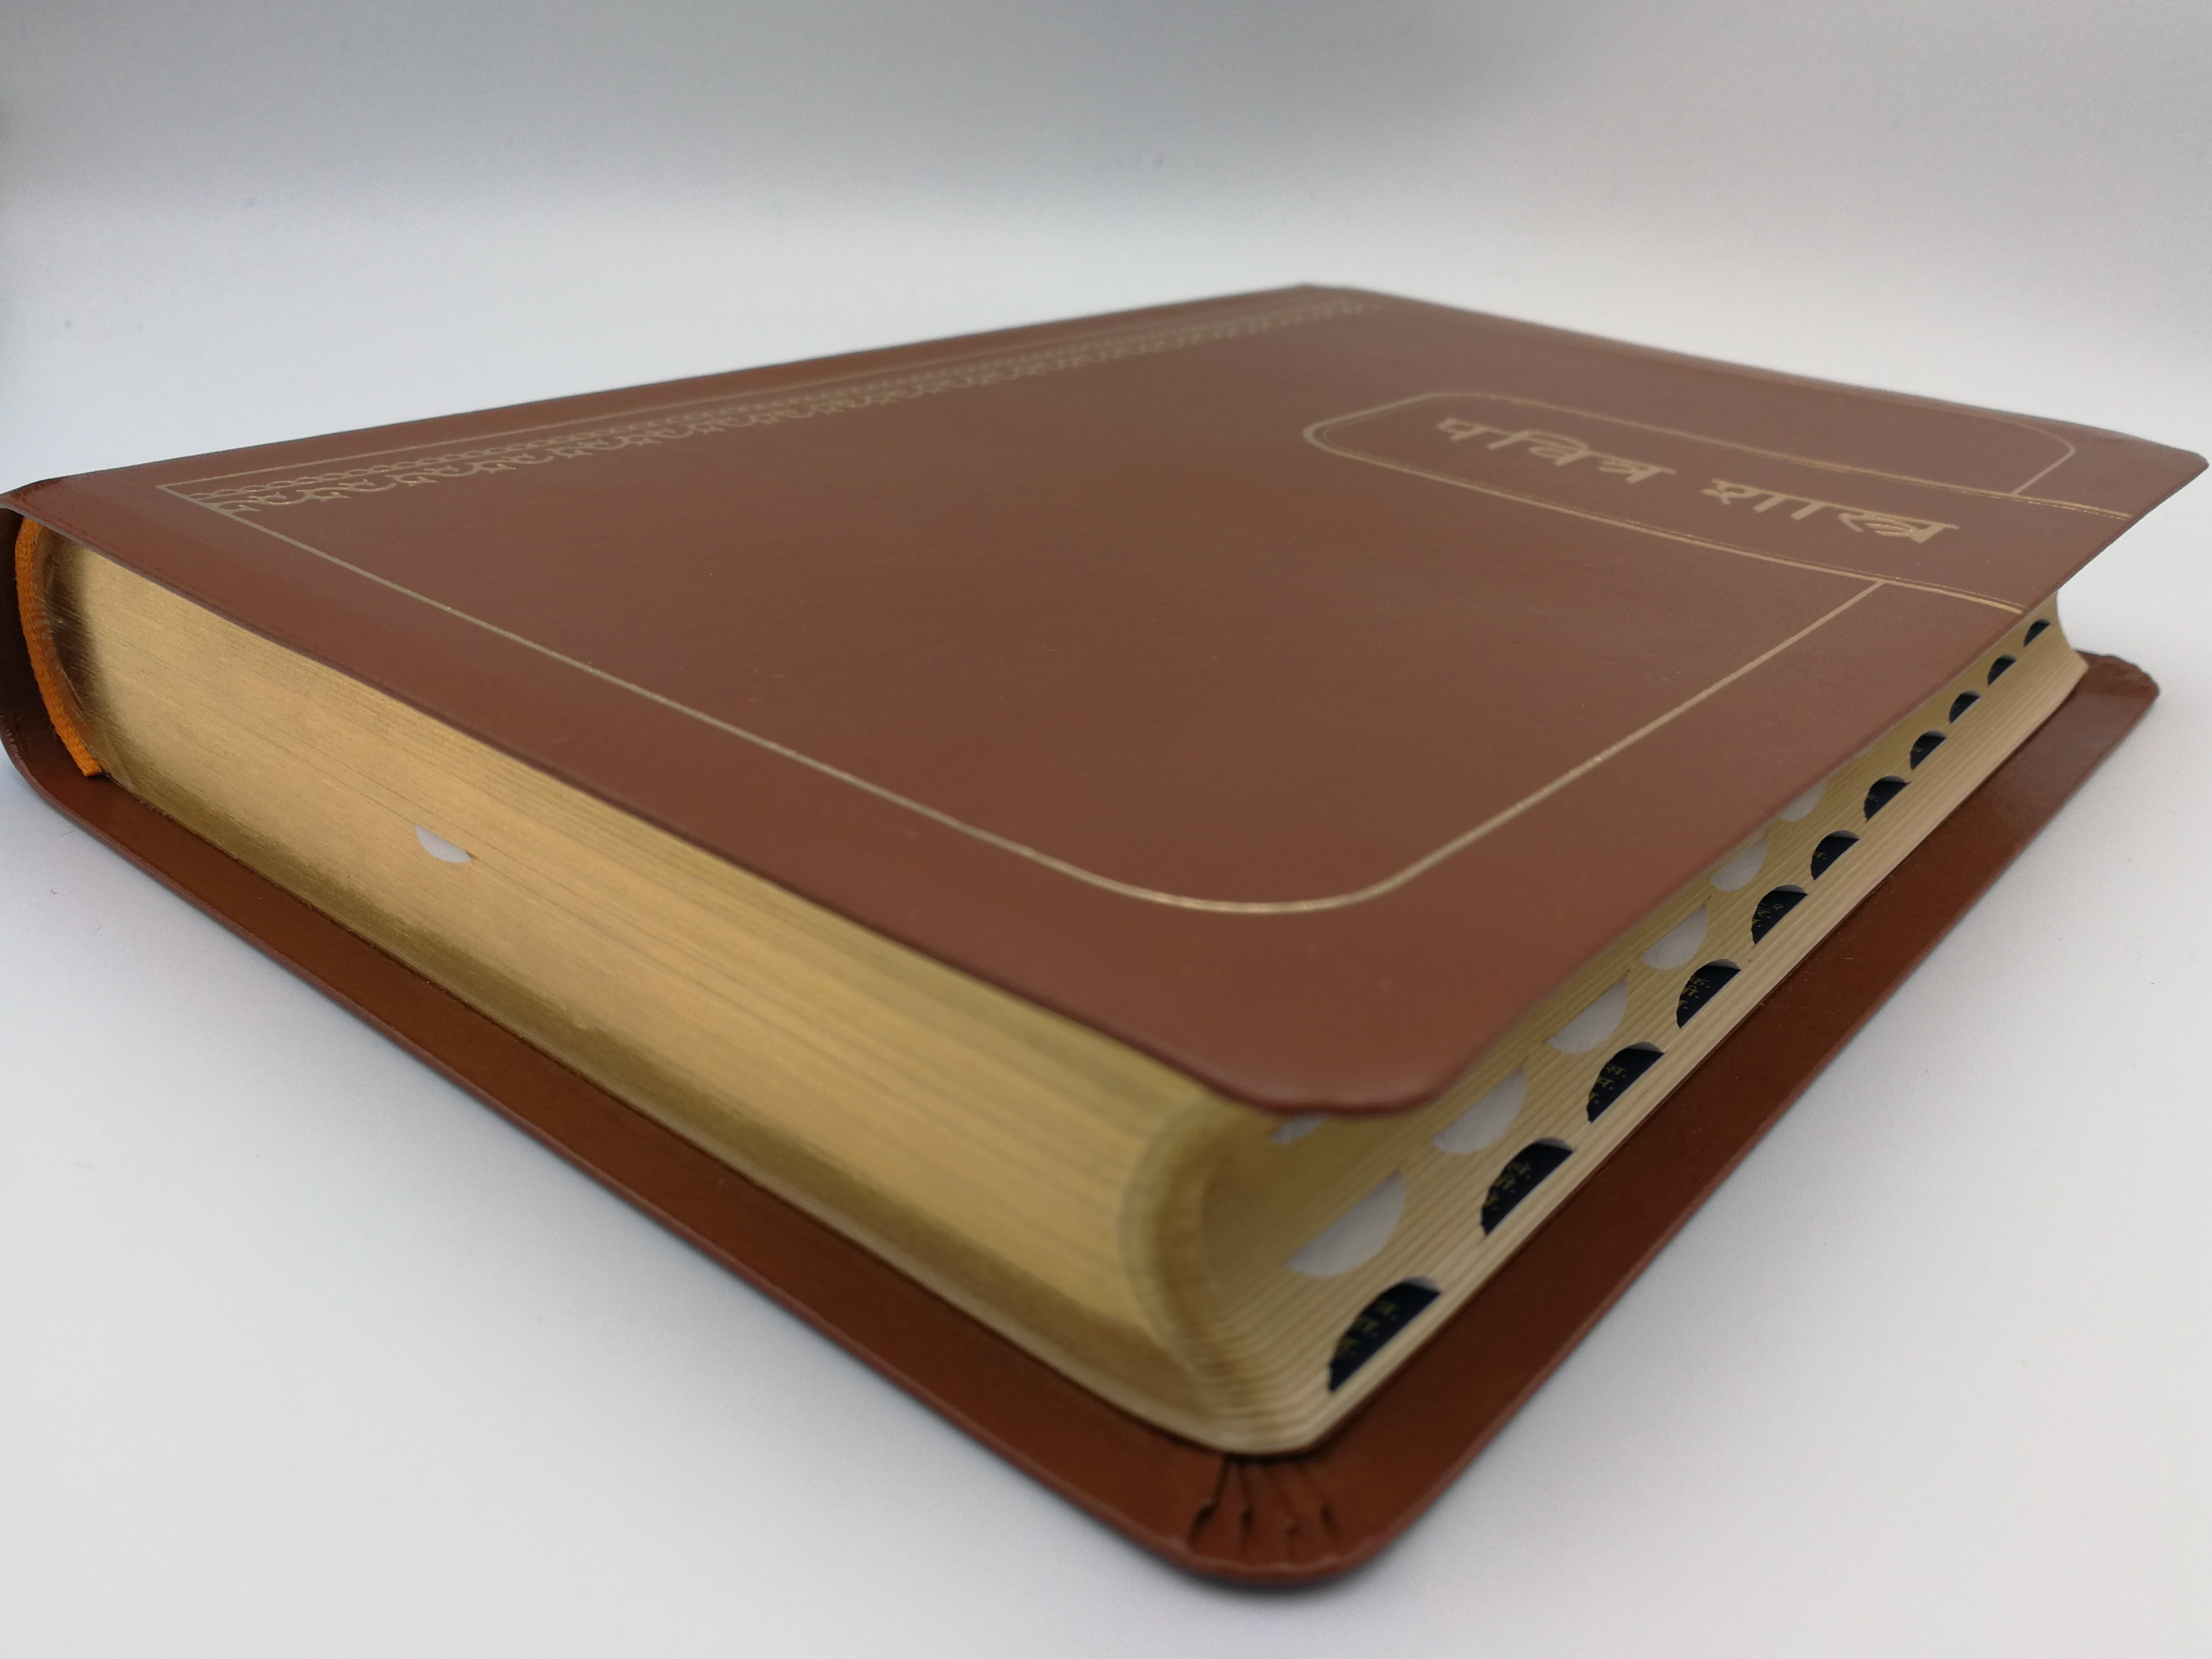 marathi-language-holy-bible-4.jpg